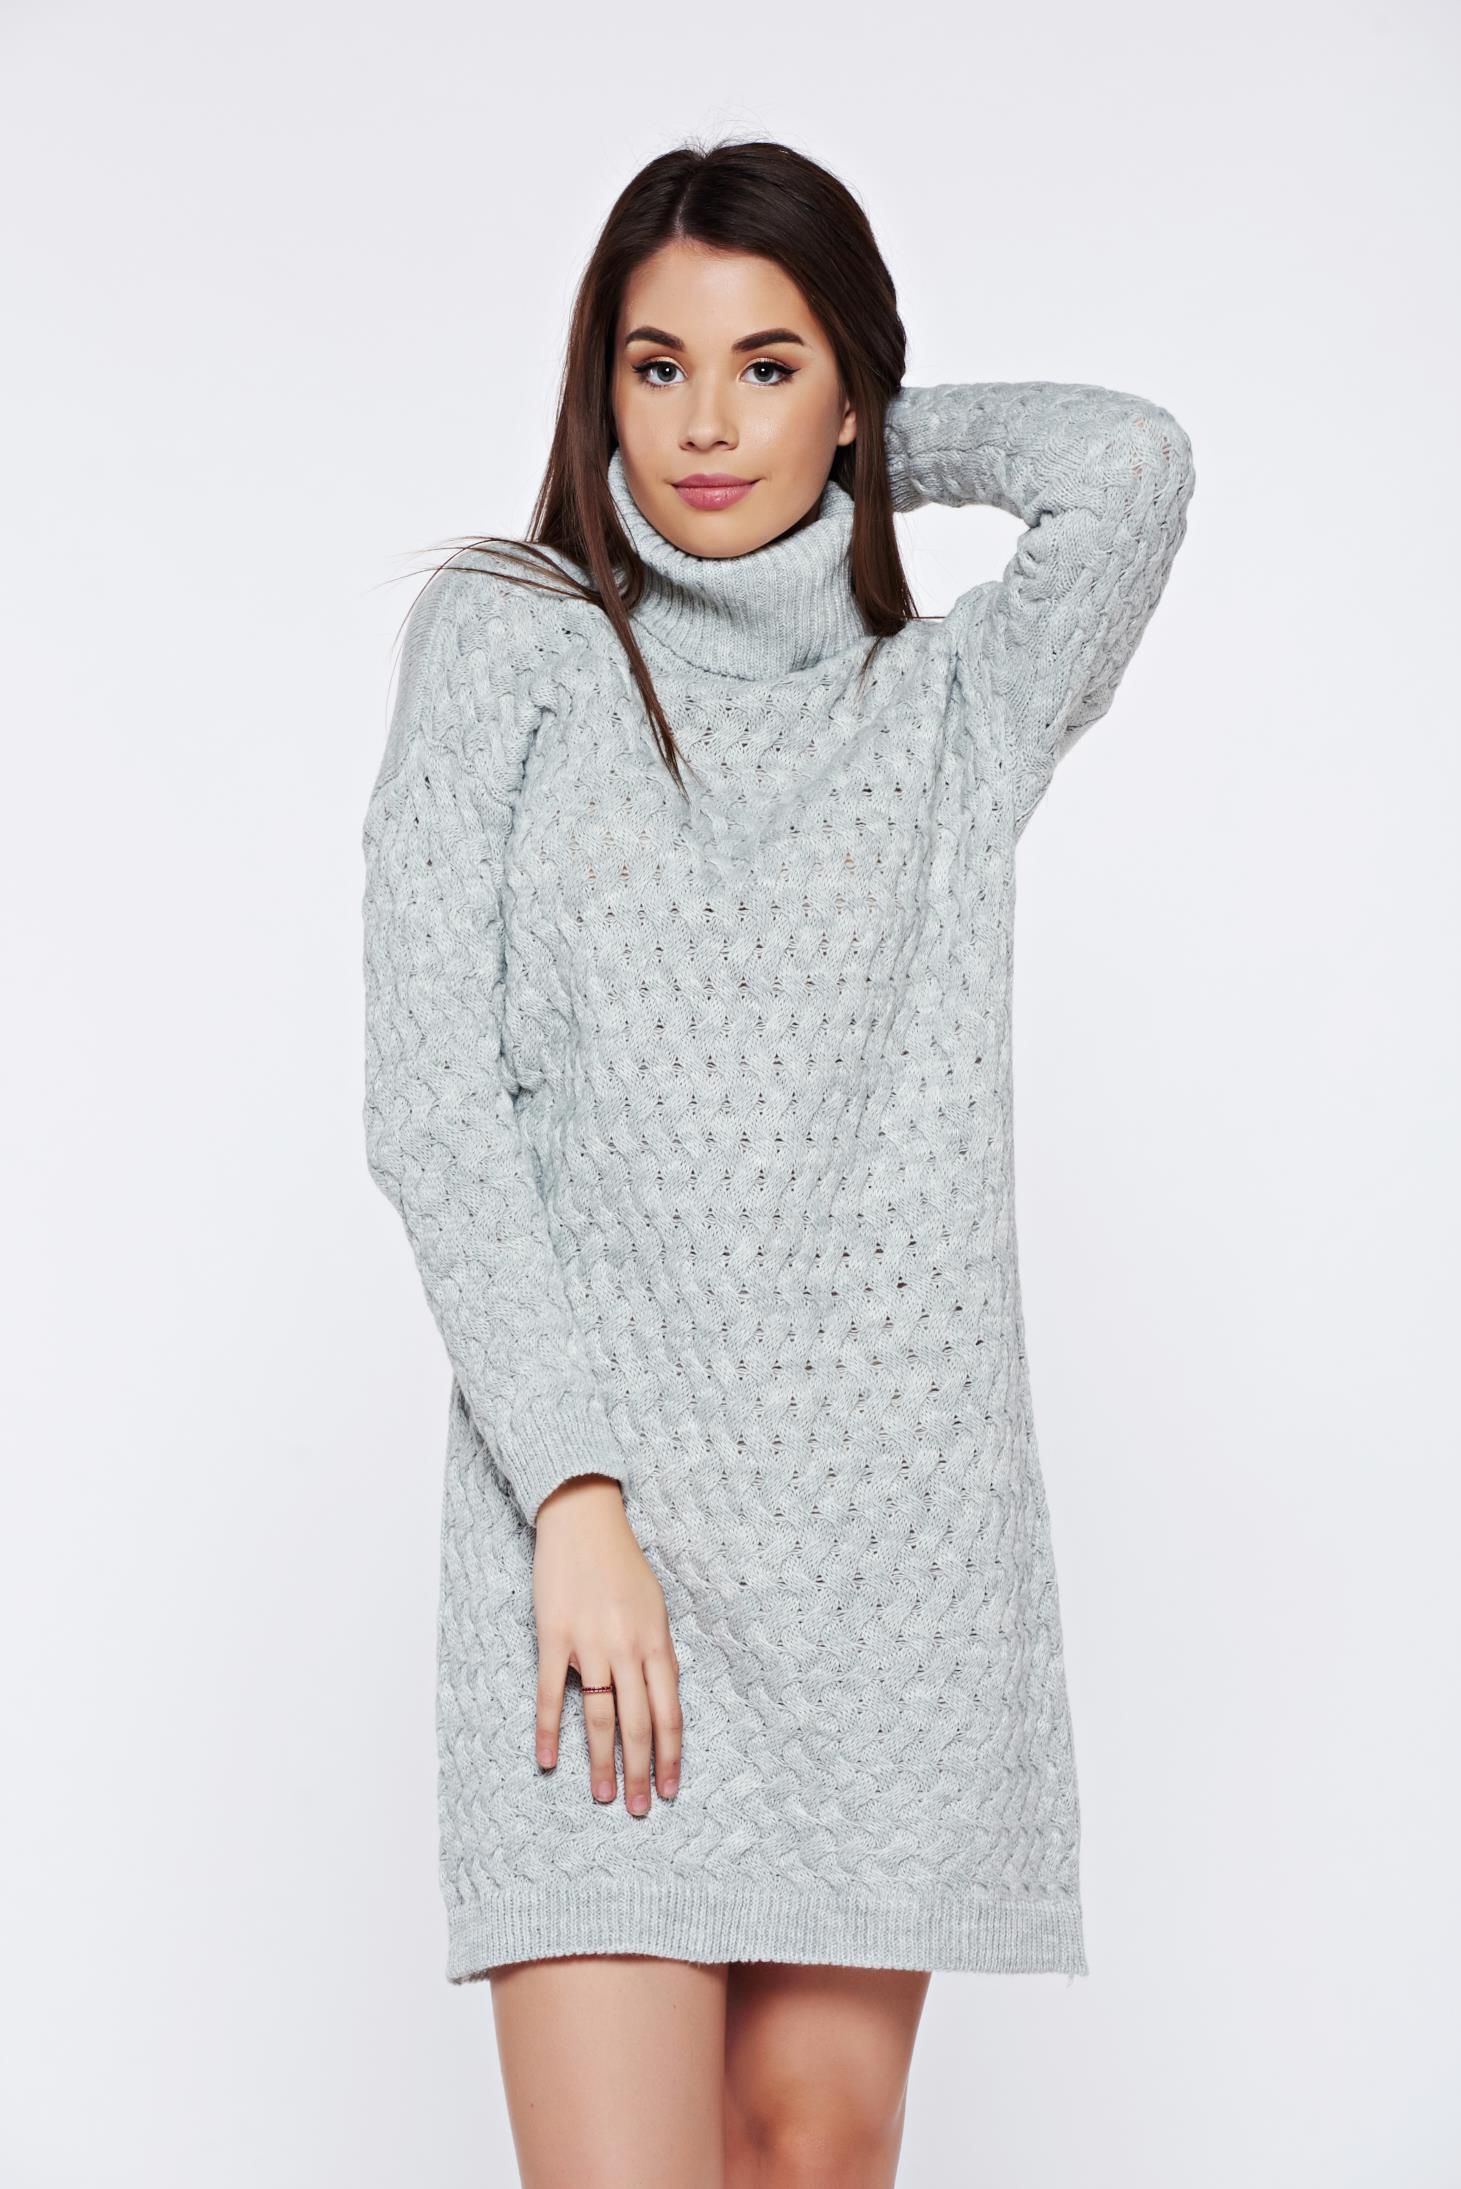 Statele Unite cumpara cel mai bine coduri promoționale Rochie gri casual tricotata cu croi larg pe gat